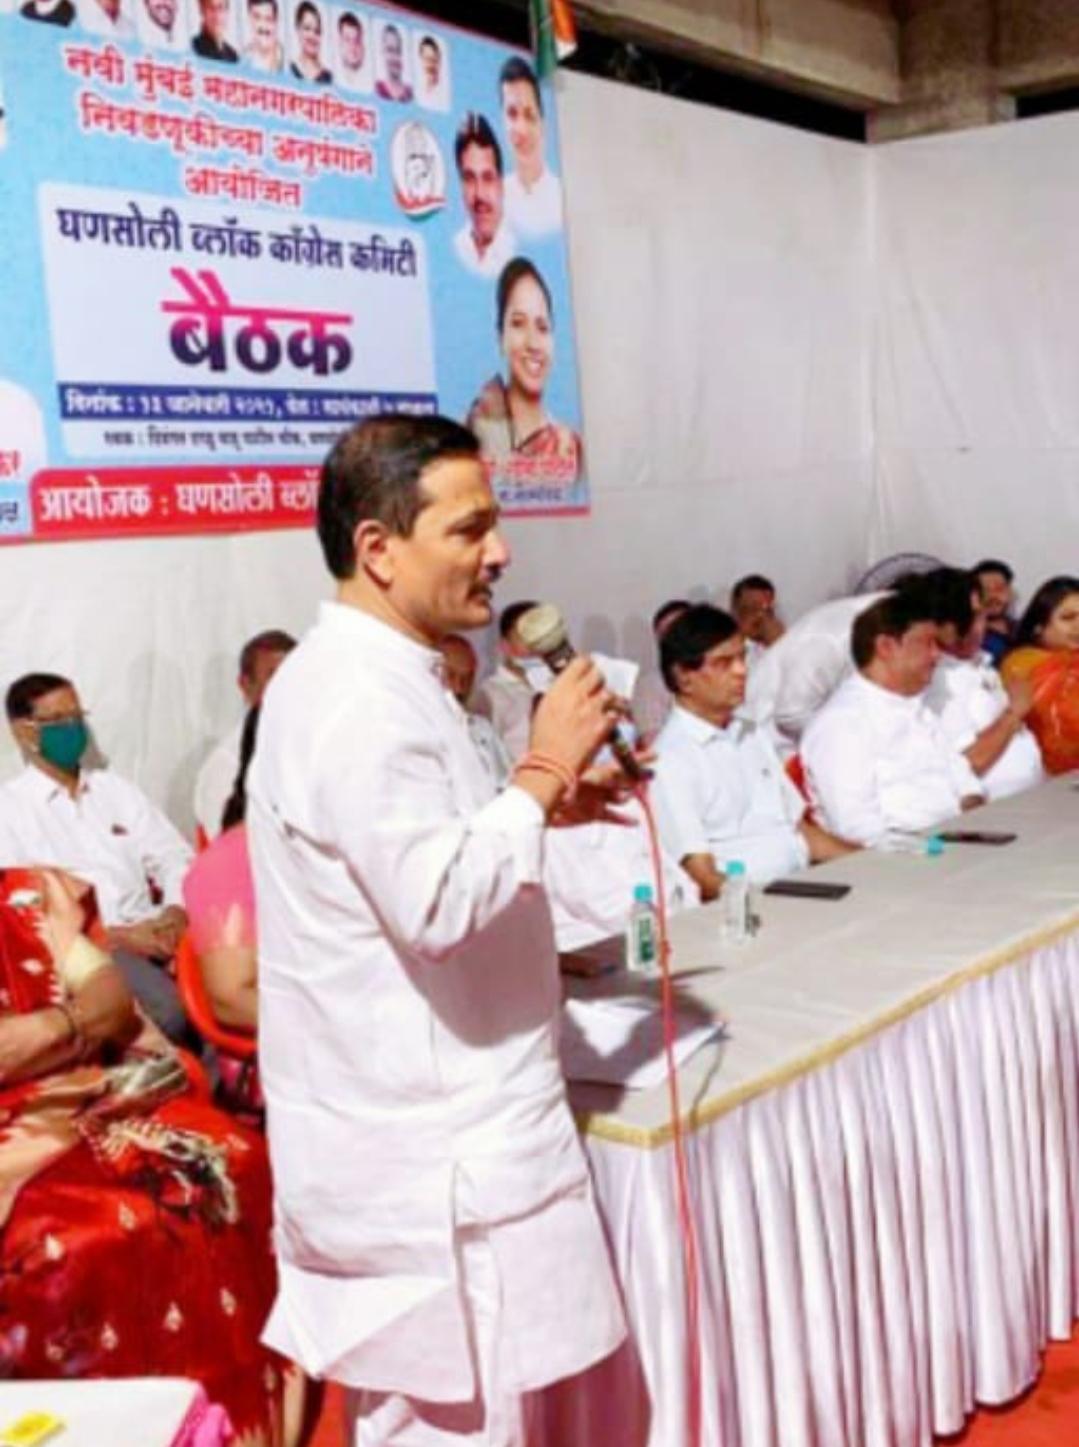 Adarsh Maharashtra | काँग्रेस पक्षाची निष्ठा ही माझ्या रक्तातच आहे ! माजी नगरसेवक दिपक पाटील...